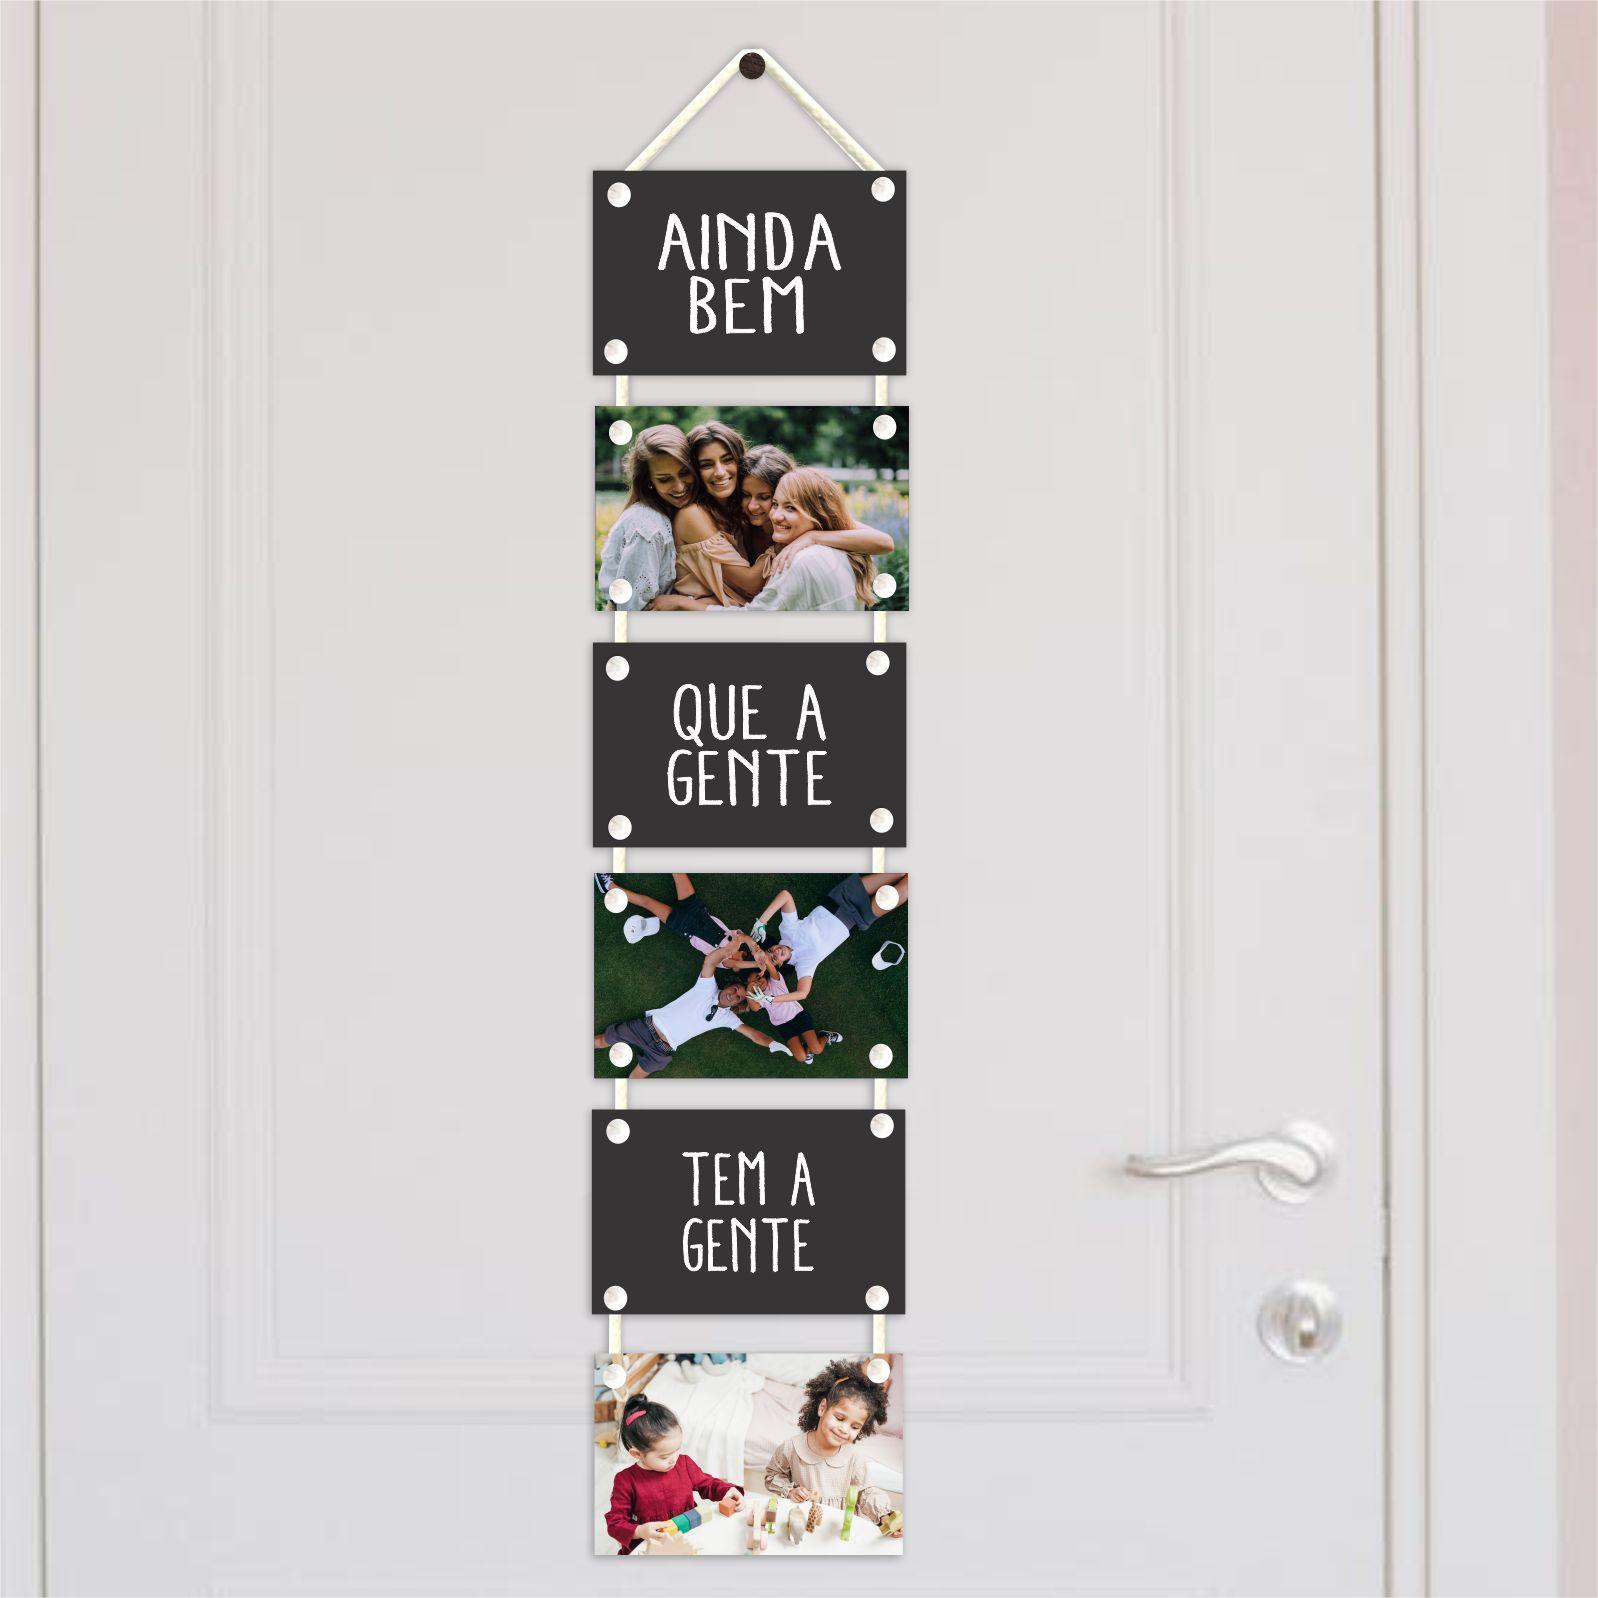 Placas com cordão personalizado com fotos - ainda bem que a a gente tem a gente